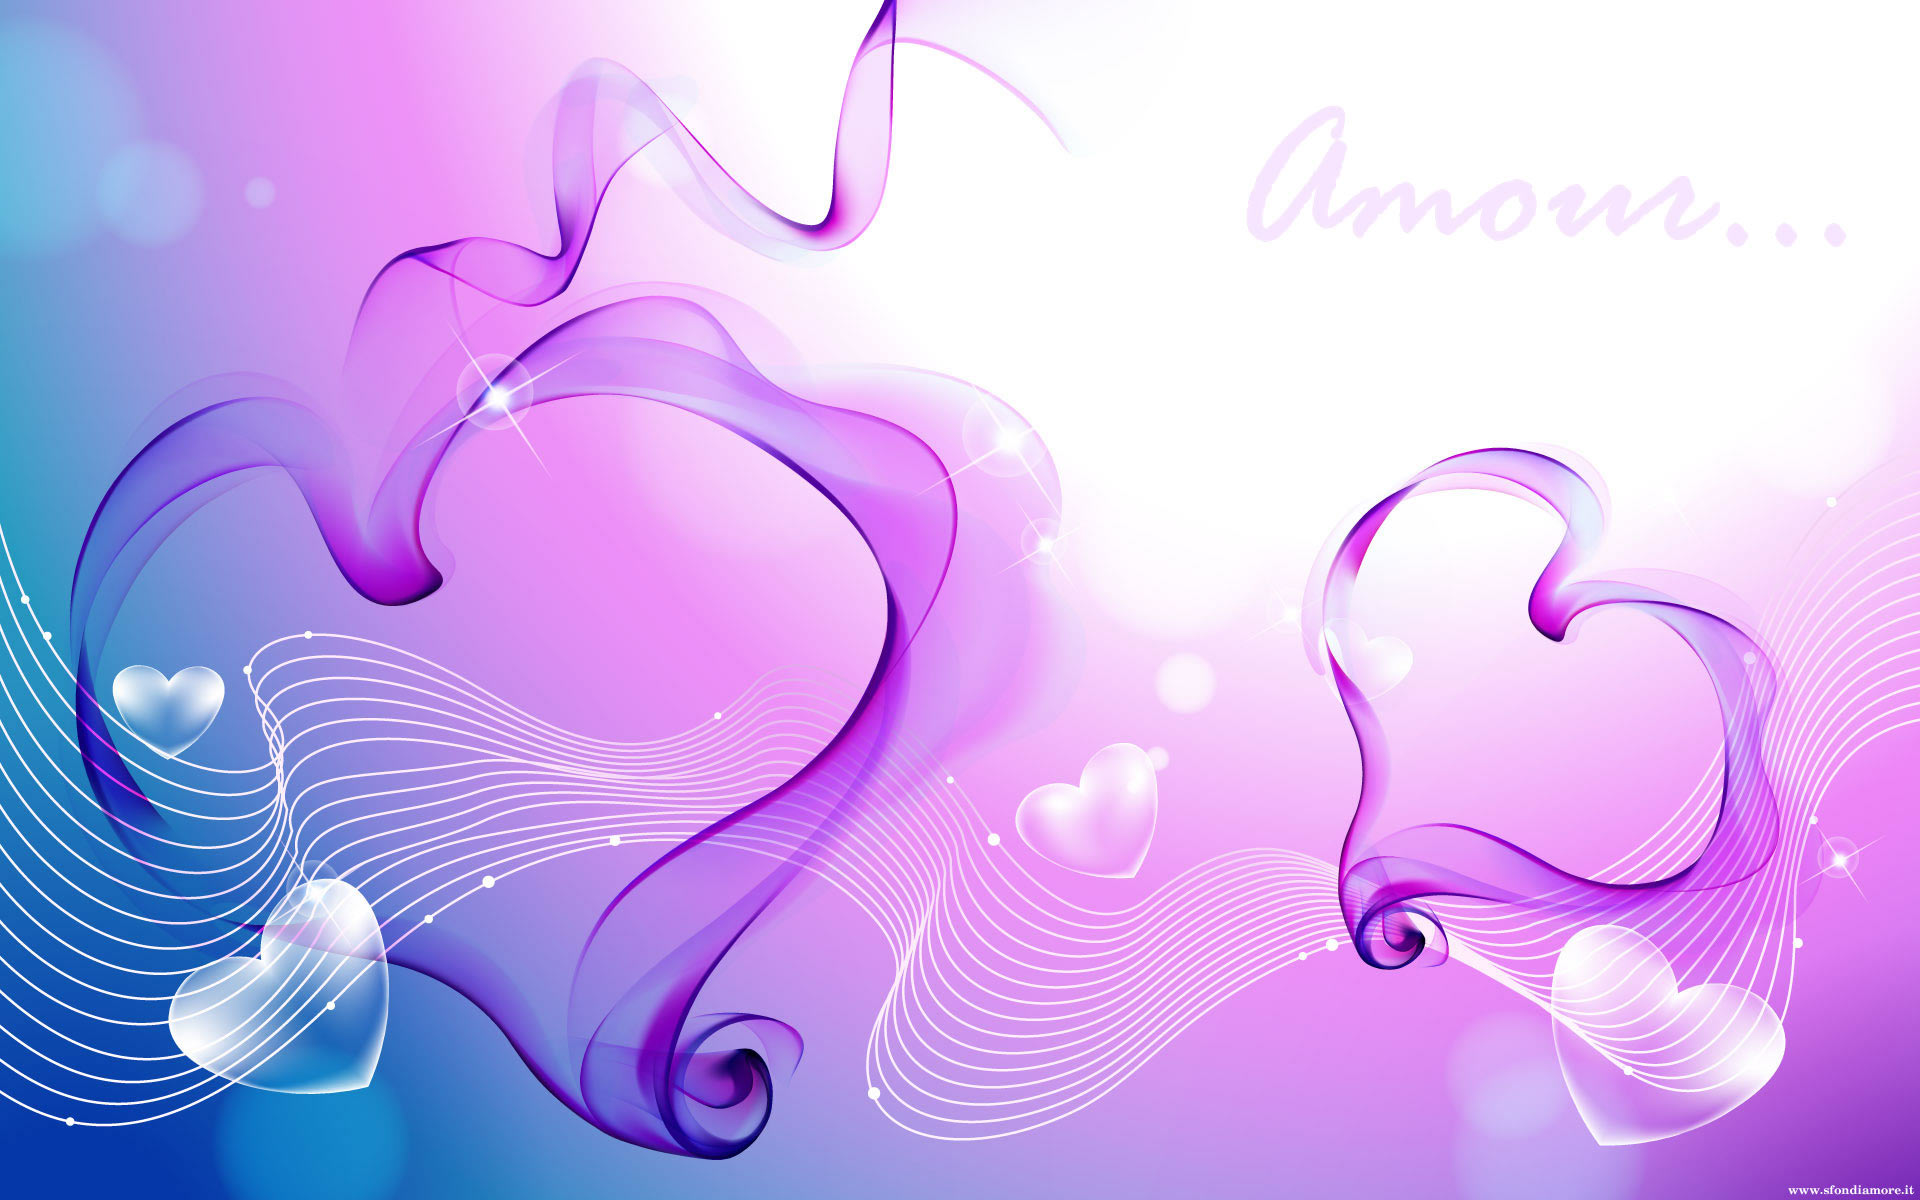 All Beautiful Love Wallpaper : Sfondi teneri - Bellissimi sfondi teneri da collezionare